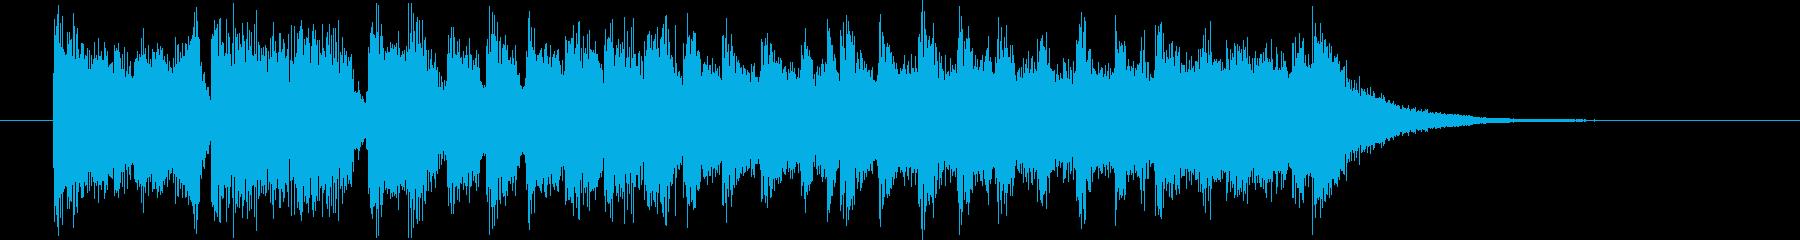 明るく楽しいデパートCM用の再生済みの波形